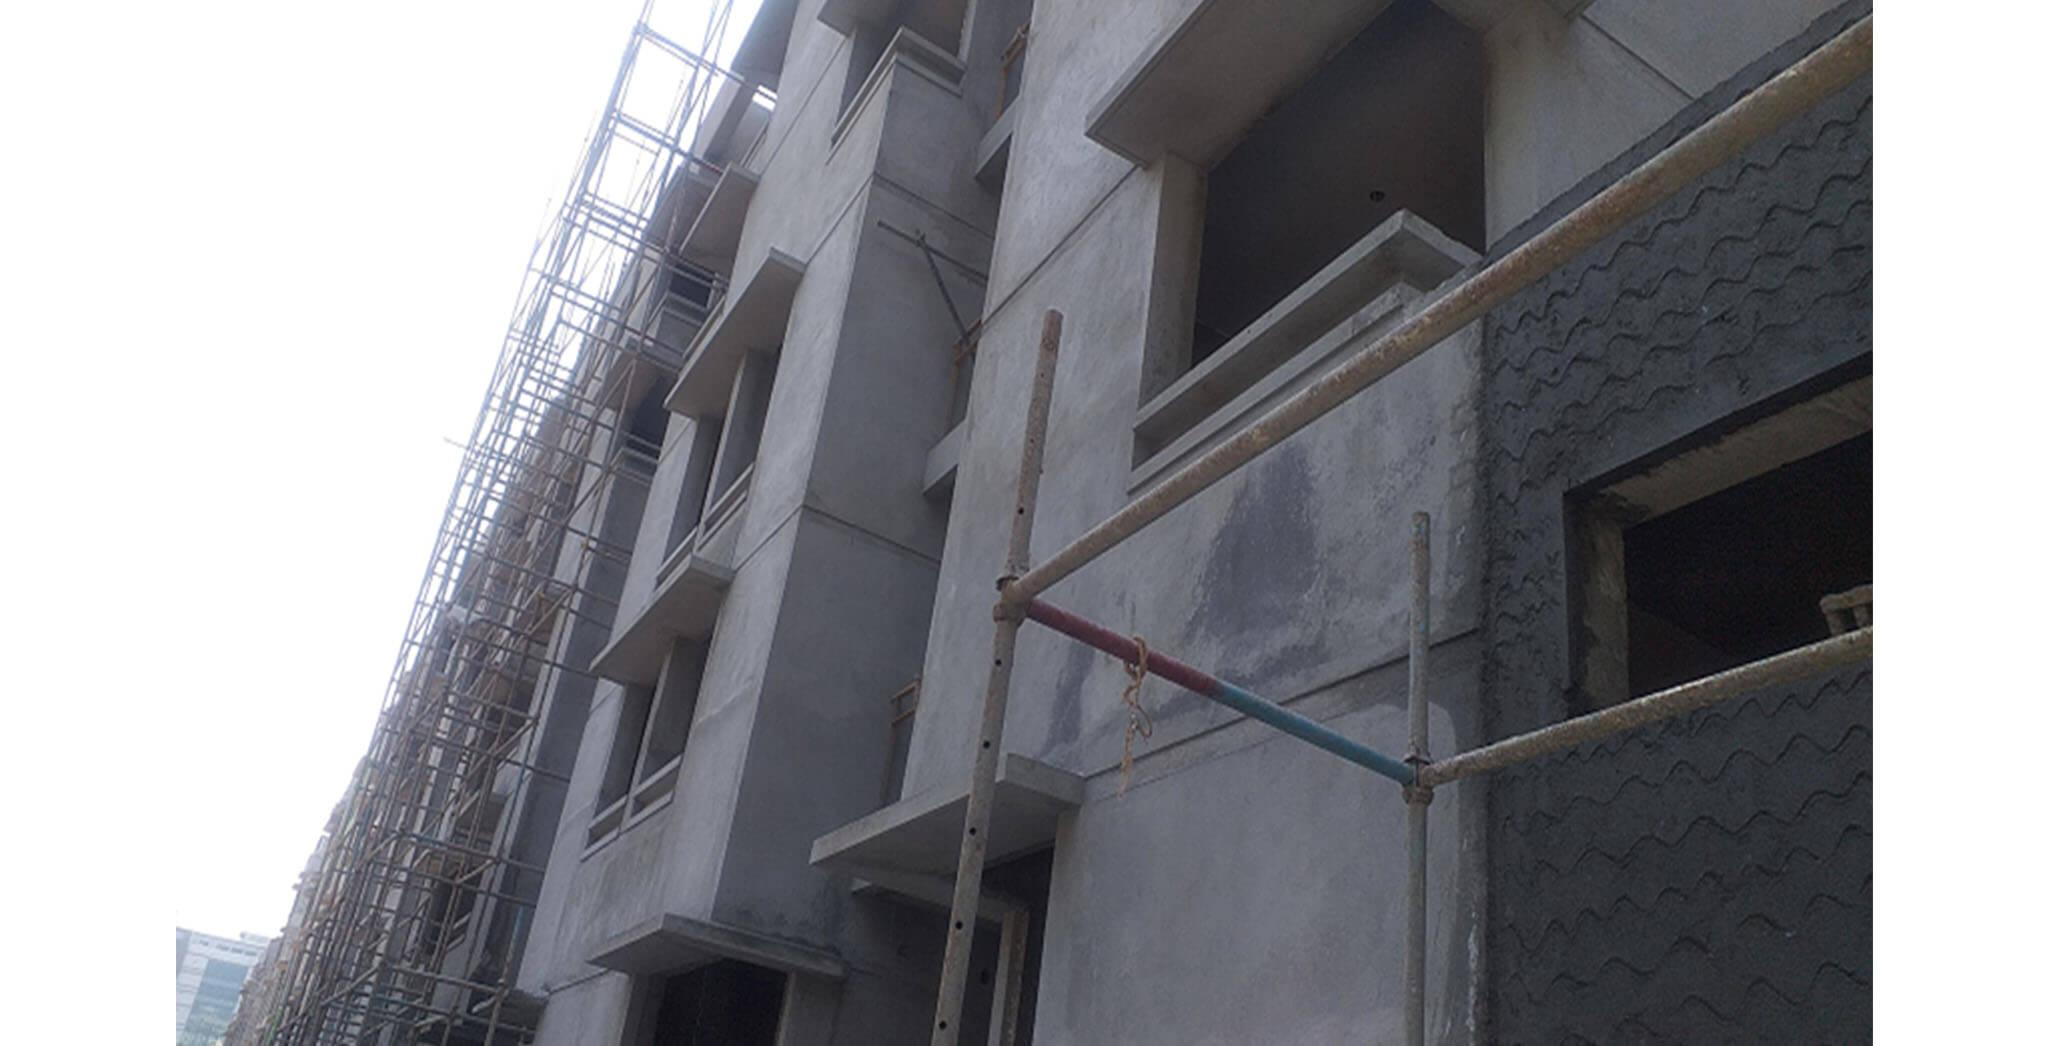 Feb 2021 - Towards North side view: N Block—52 & 53 series flat external plastering work completed